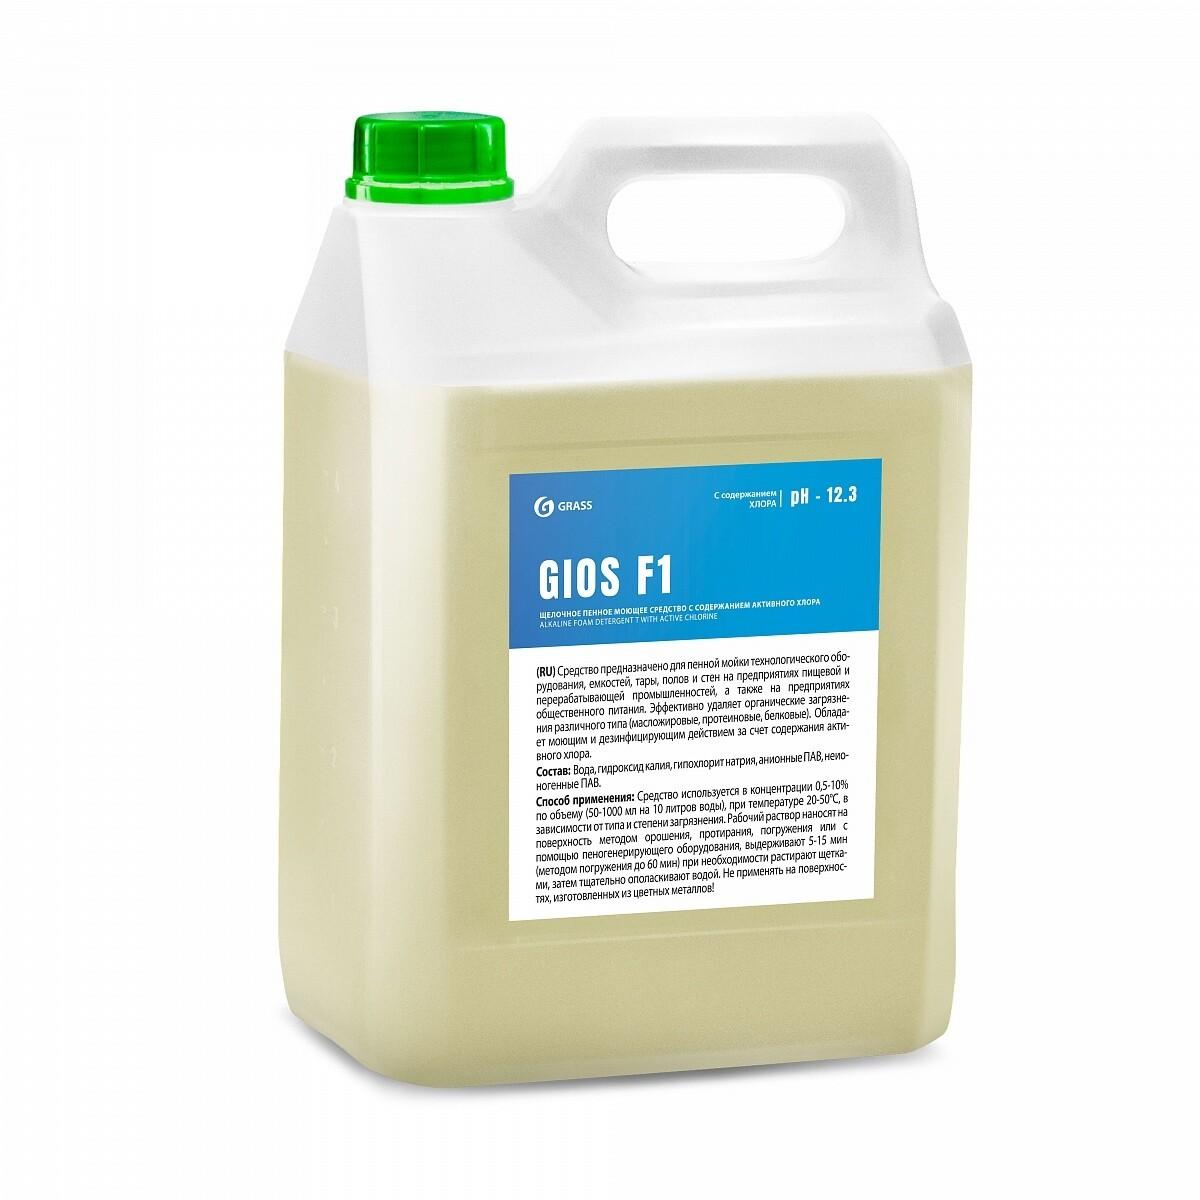 Щелочное пенное моющее средство с содержанием активного хлора GIOS F1